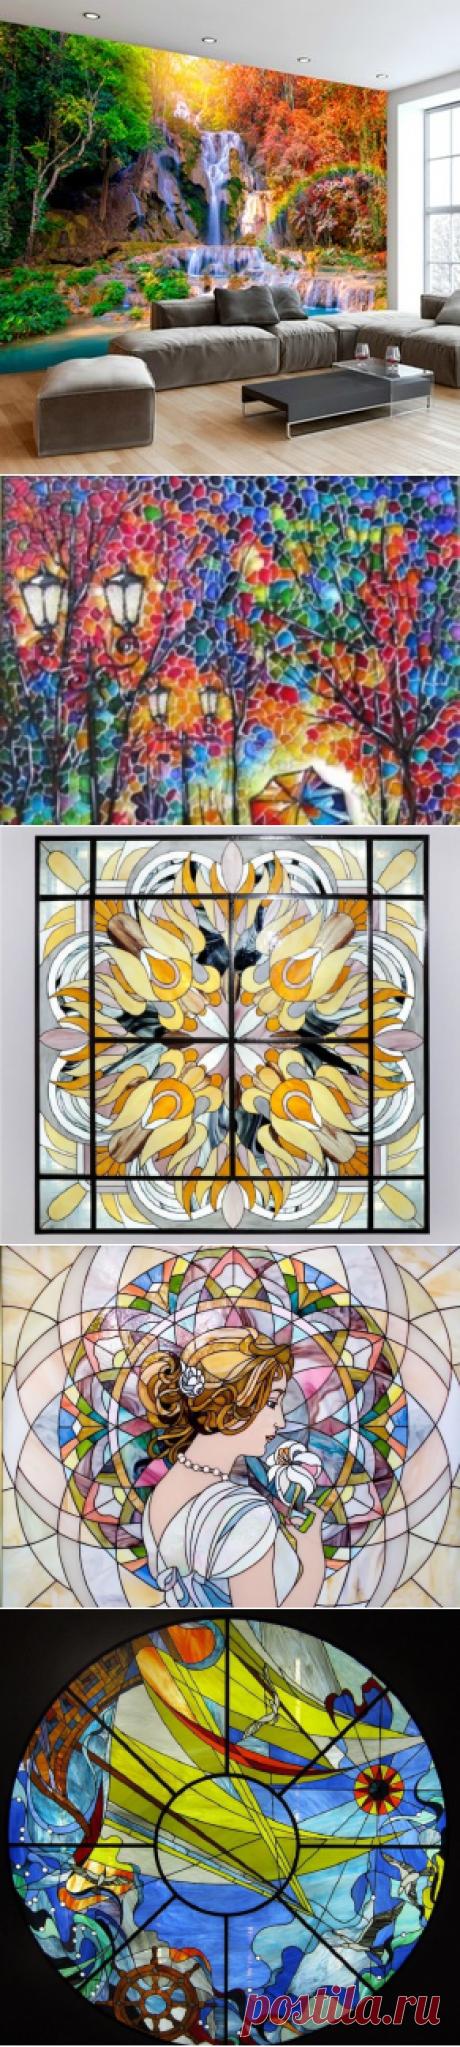 Трафареты и пленка для витражей: цветы, бабочек, картинки, детские, с рисунком (86 фото) — Этотдом